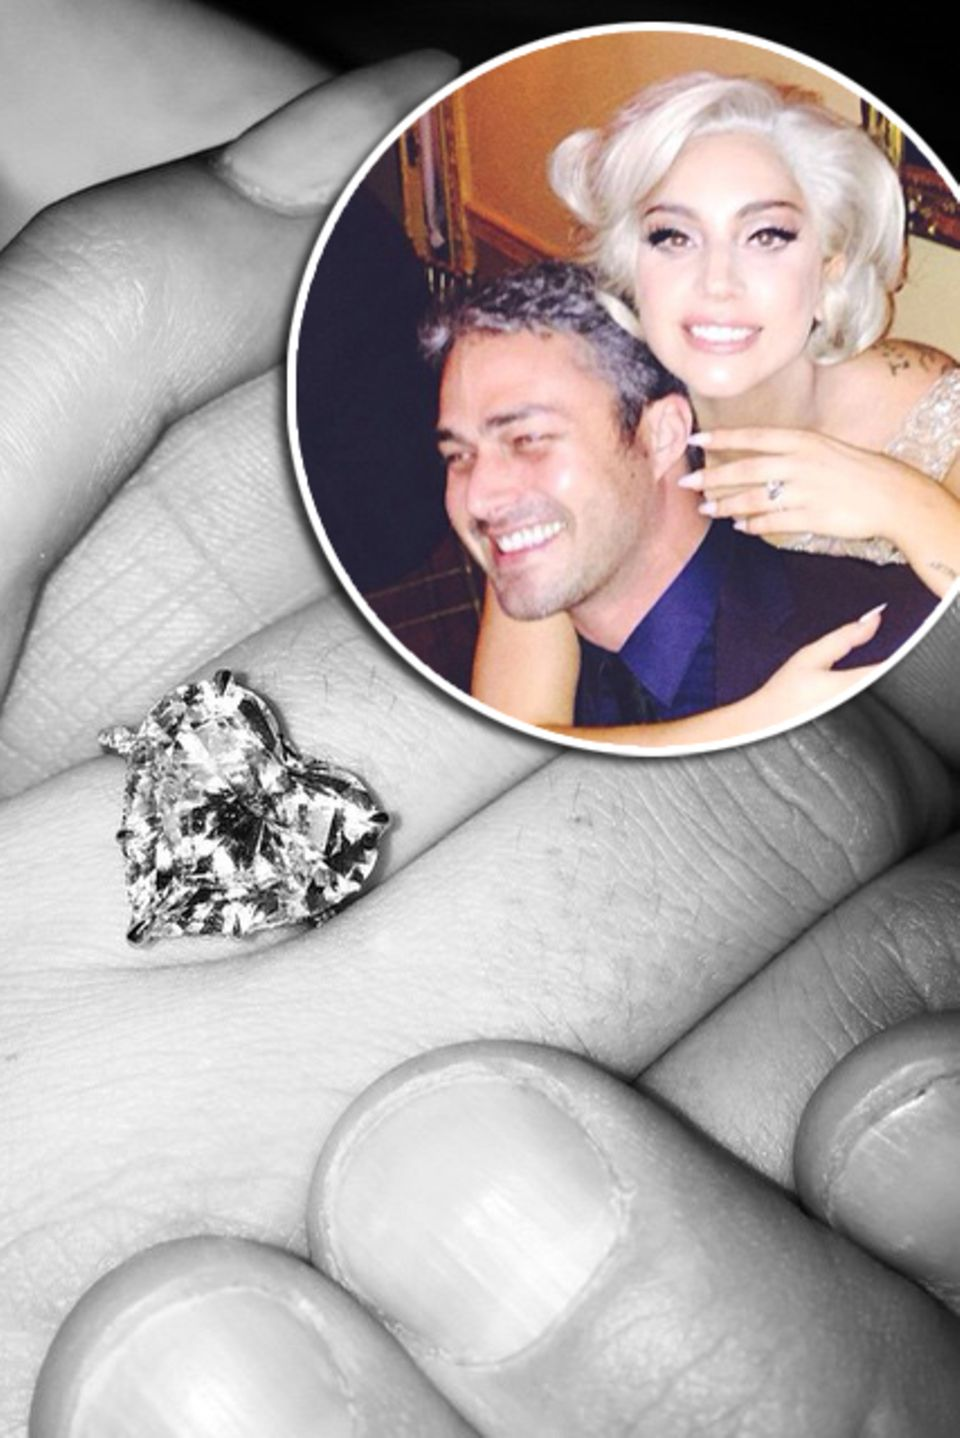 """Lady GaGa und Taylor Kinney  Lady Gaga zeigt ihren Verlobungsring bei Instagram und schriebt dazu: """"Er hat mir am Valentinstag sein Herz geschenkt und ich habe JA gesagt!"""". Taylor Kinney und die Sängerin sind seit vier Jahren ein Paar. Entworfen ist der Ring von der Schmuckdesignerin Lorraine Schwartz, und mit 6 Karat ein Schwergewicht unter den edlen Steinen. Auch der Preis lässt sich sehen, man munkelt er ist ca 500.000 Euro wert."""